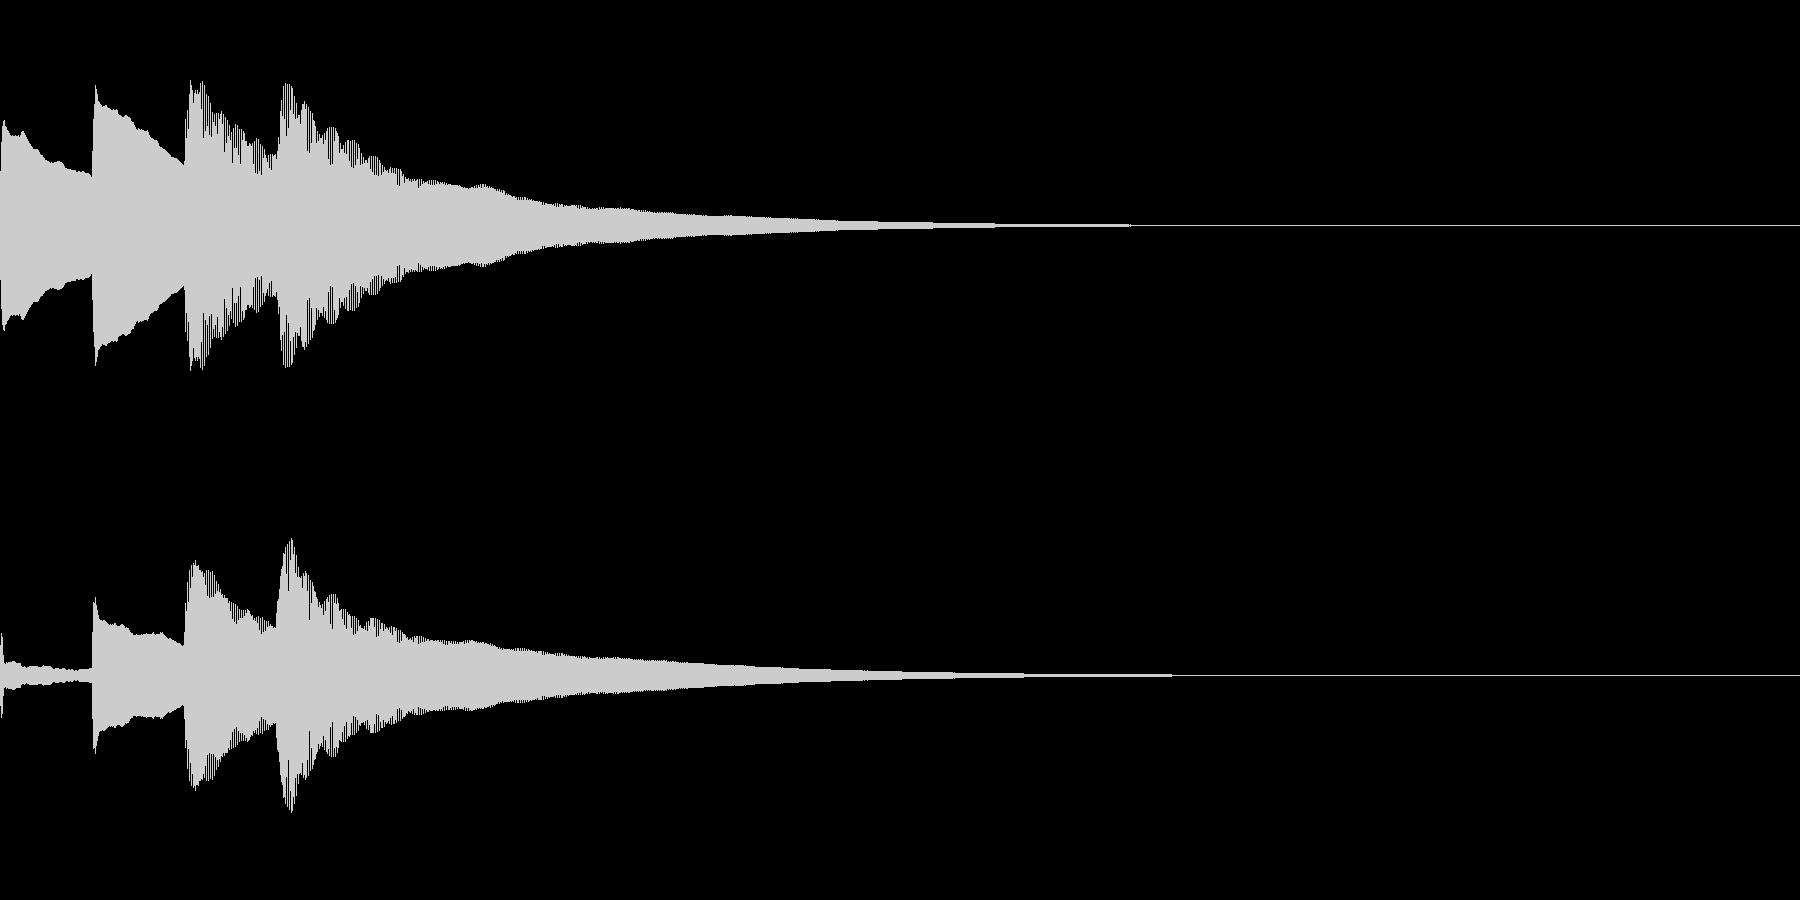 お知らせ・アナウンス音B下降(速め)02の未再生の波形